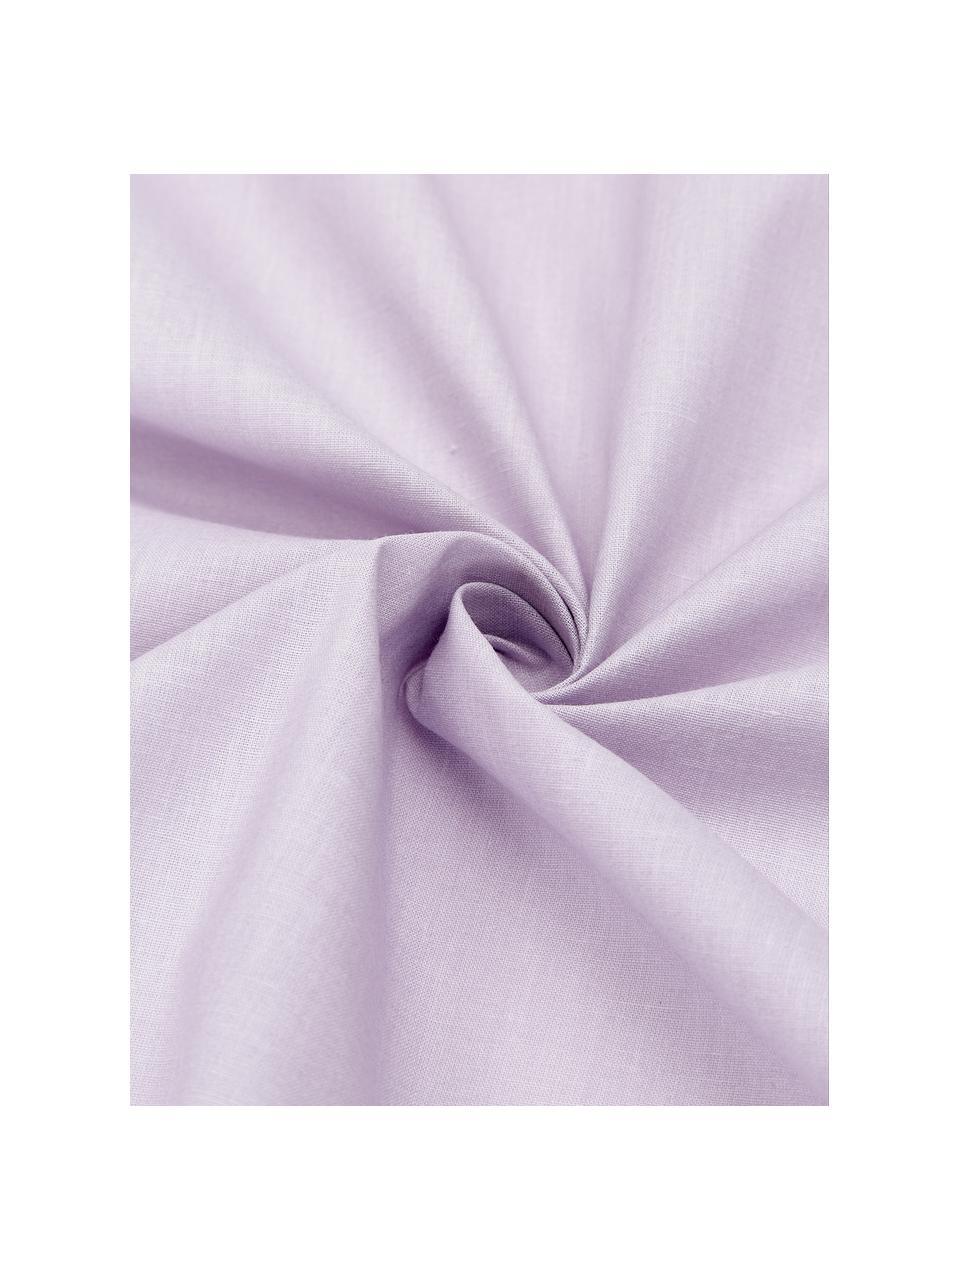 Gewaschene Baumwoll-Kopfkissenbezüge Arlene in Lavendel, 2 Stück, Webart: Renforcé Fadendichte 144 , Lila, 40 x 80 cm